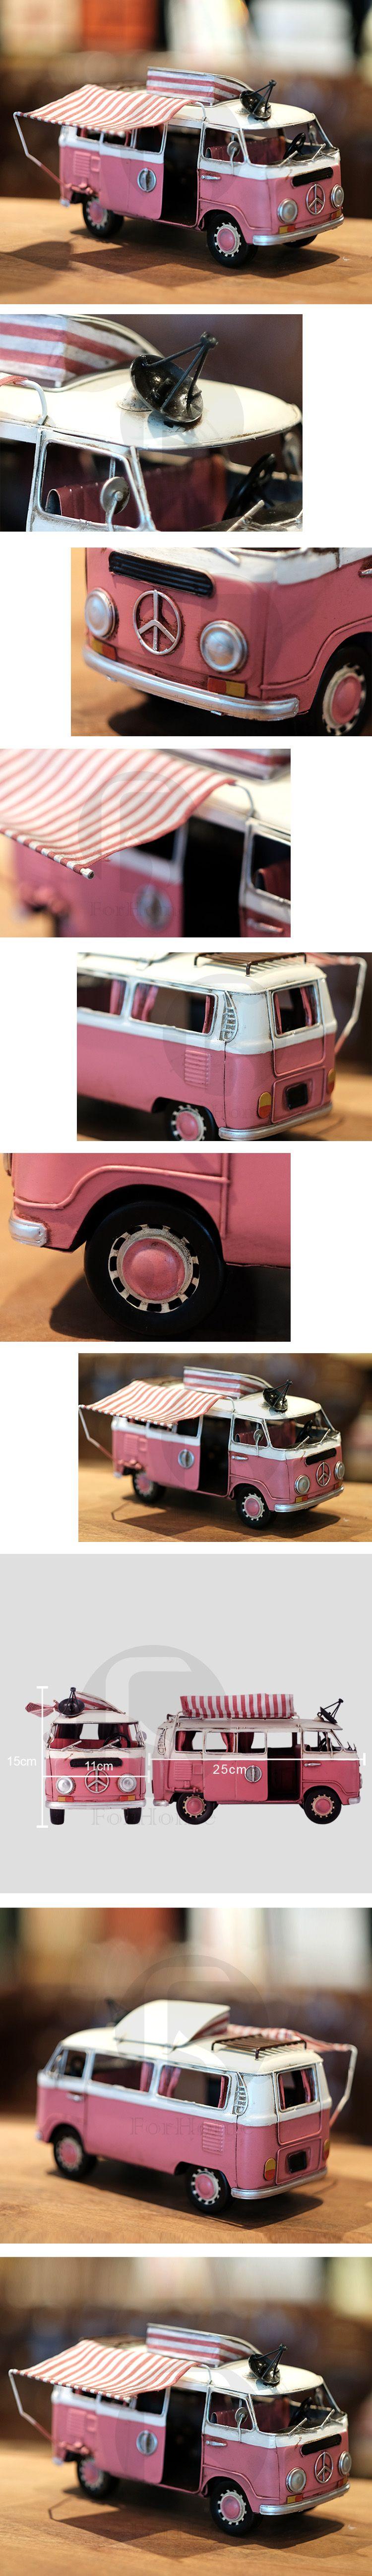 Photo of [ ForHome ]  CD-0012 Britische Retro notleidende handgefertigte Eisenteile van Modell Wohnmobil Display Shop Dekorationen Geschenk-Y …